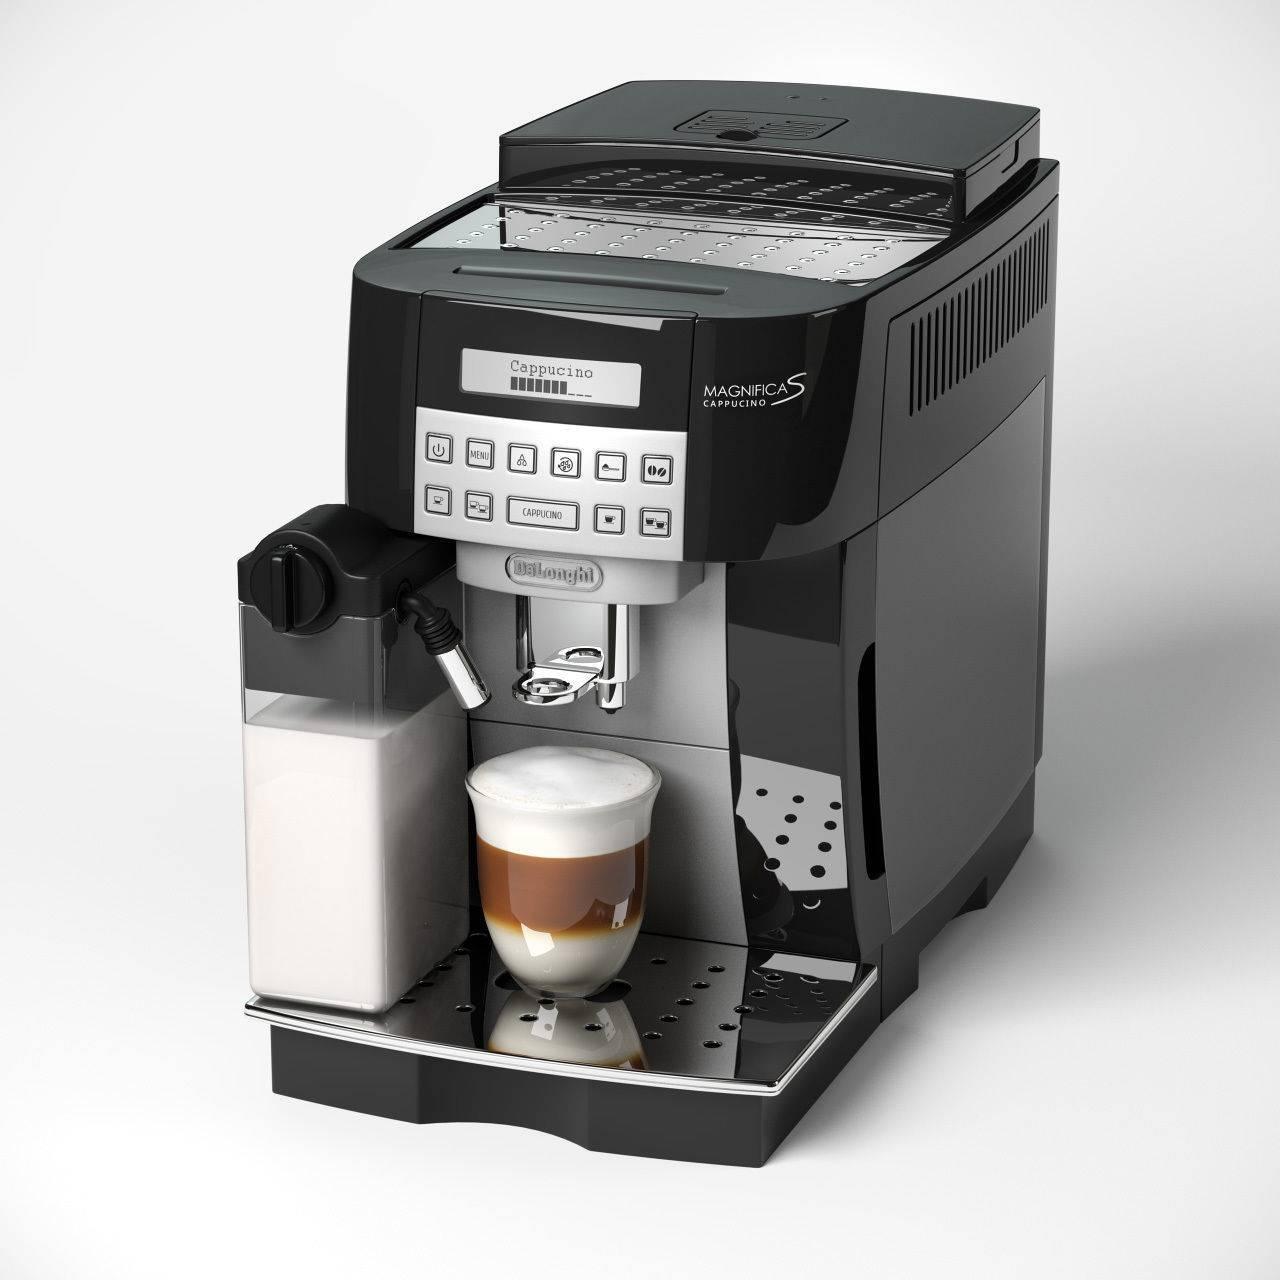 Кофемашина delonghi (делонги) - модельный ряд, особенности